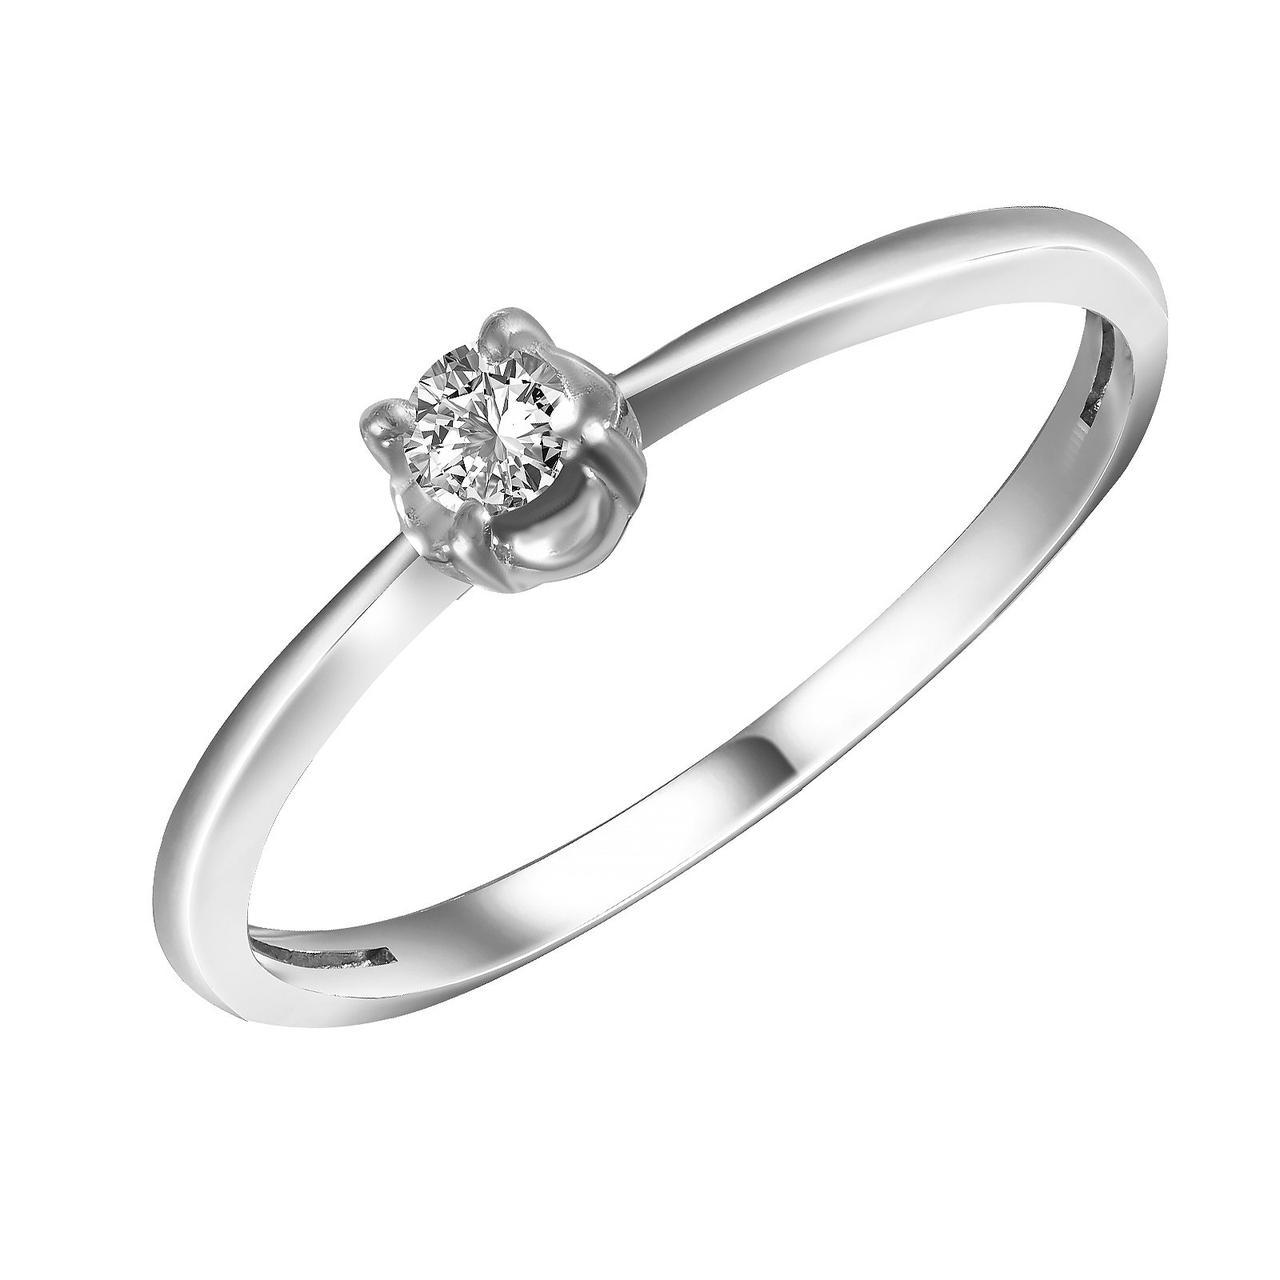 Золотое кольцо с бриллиантом, размер 15 (549843)